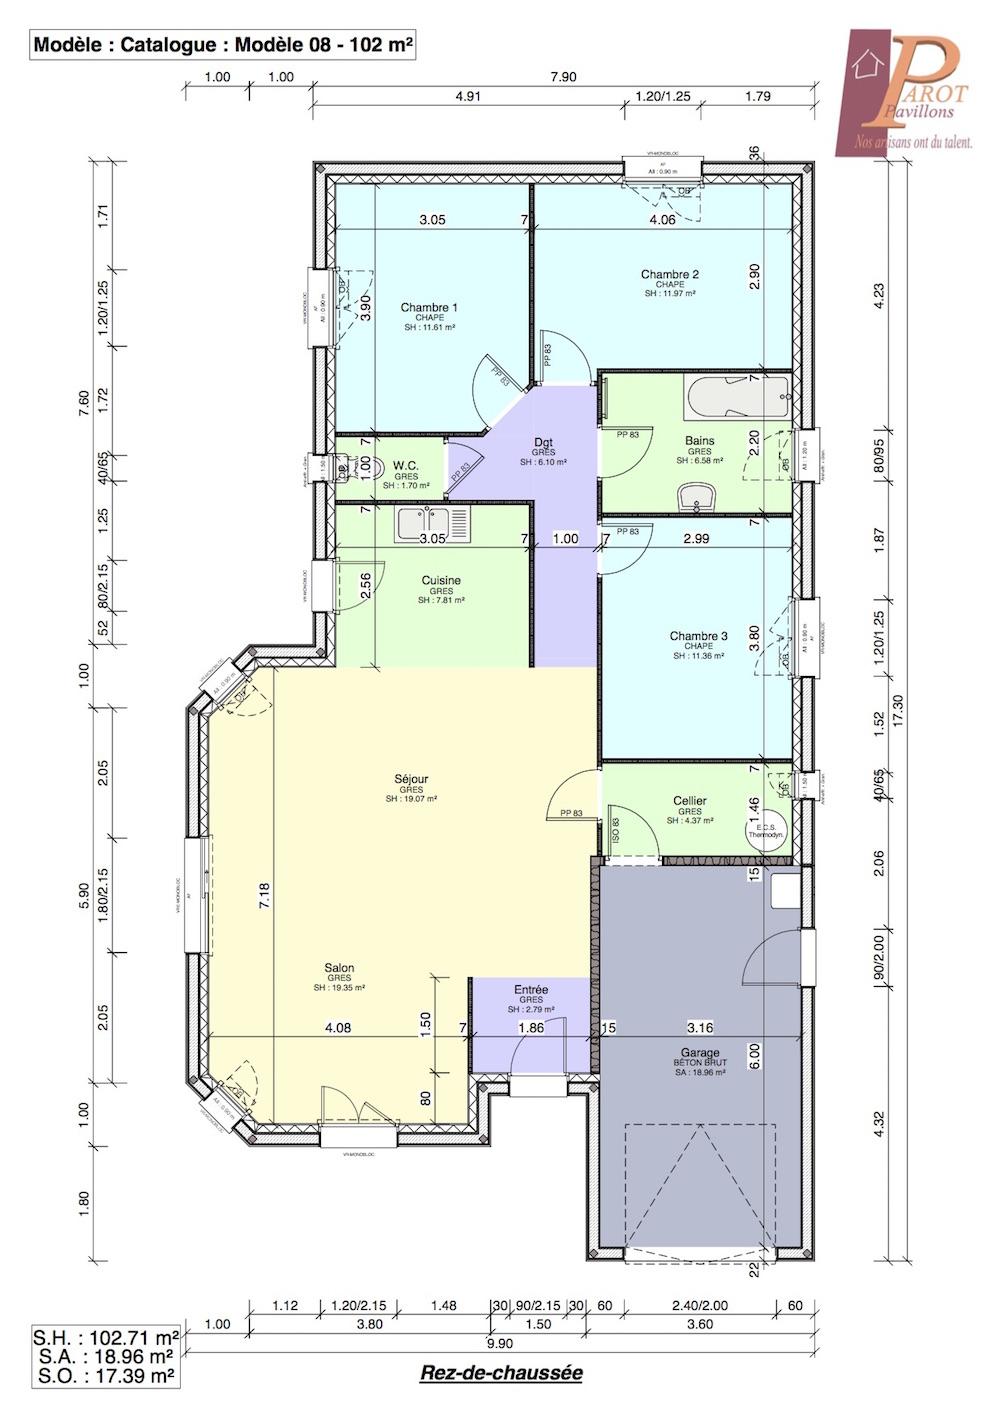 plan de maison sur un terrain de 500m2